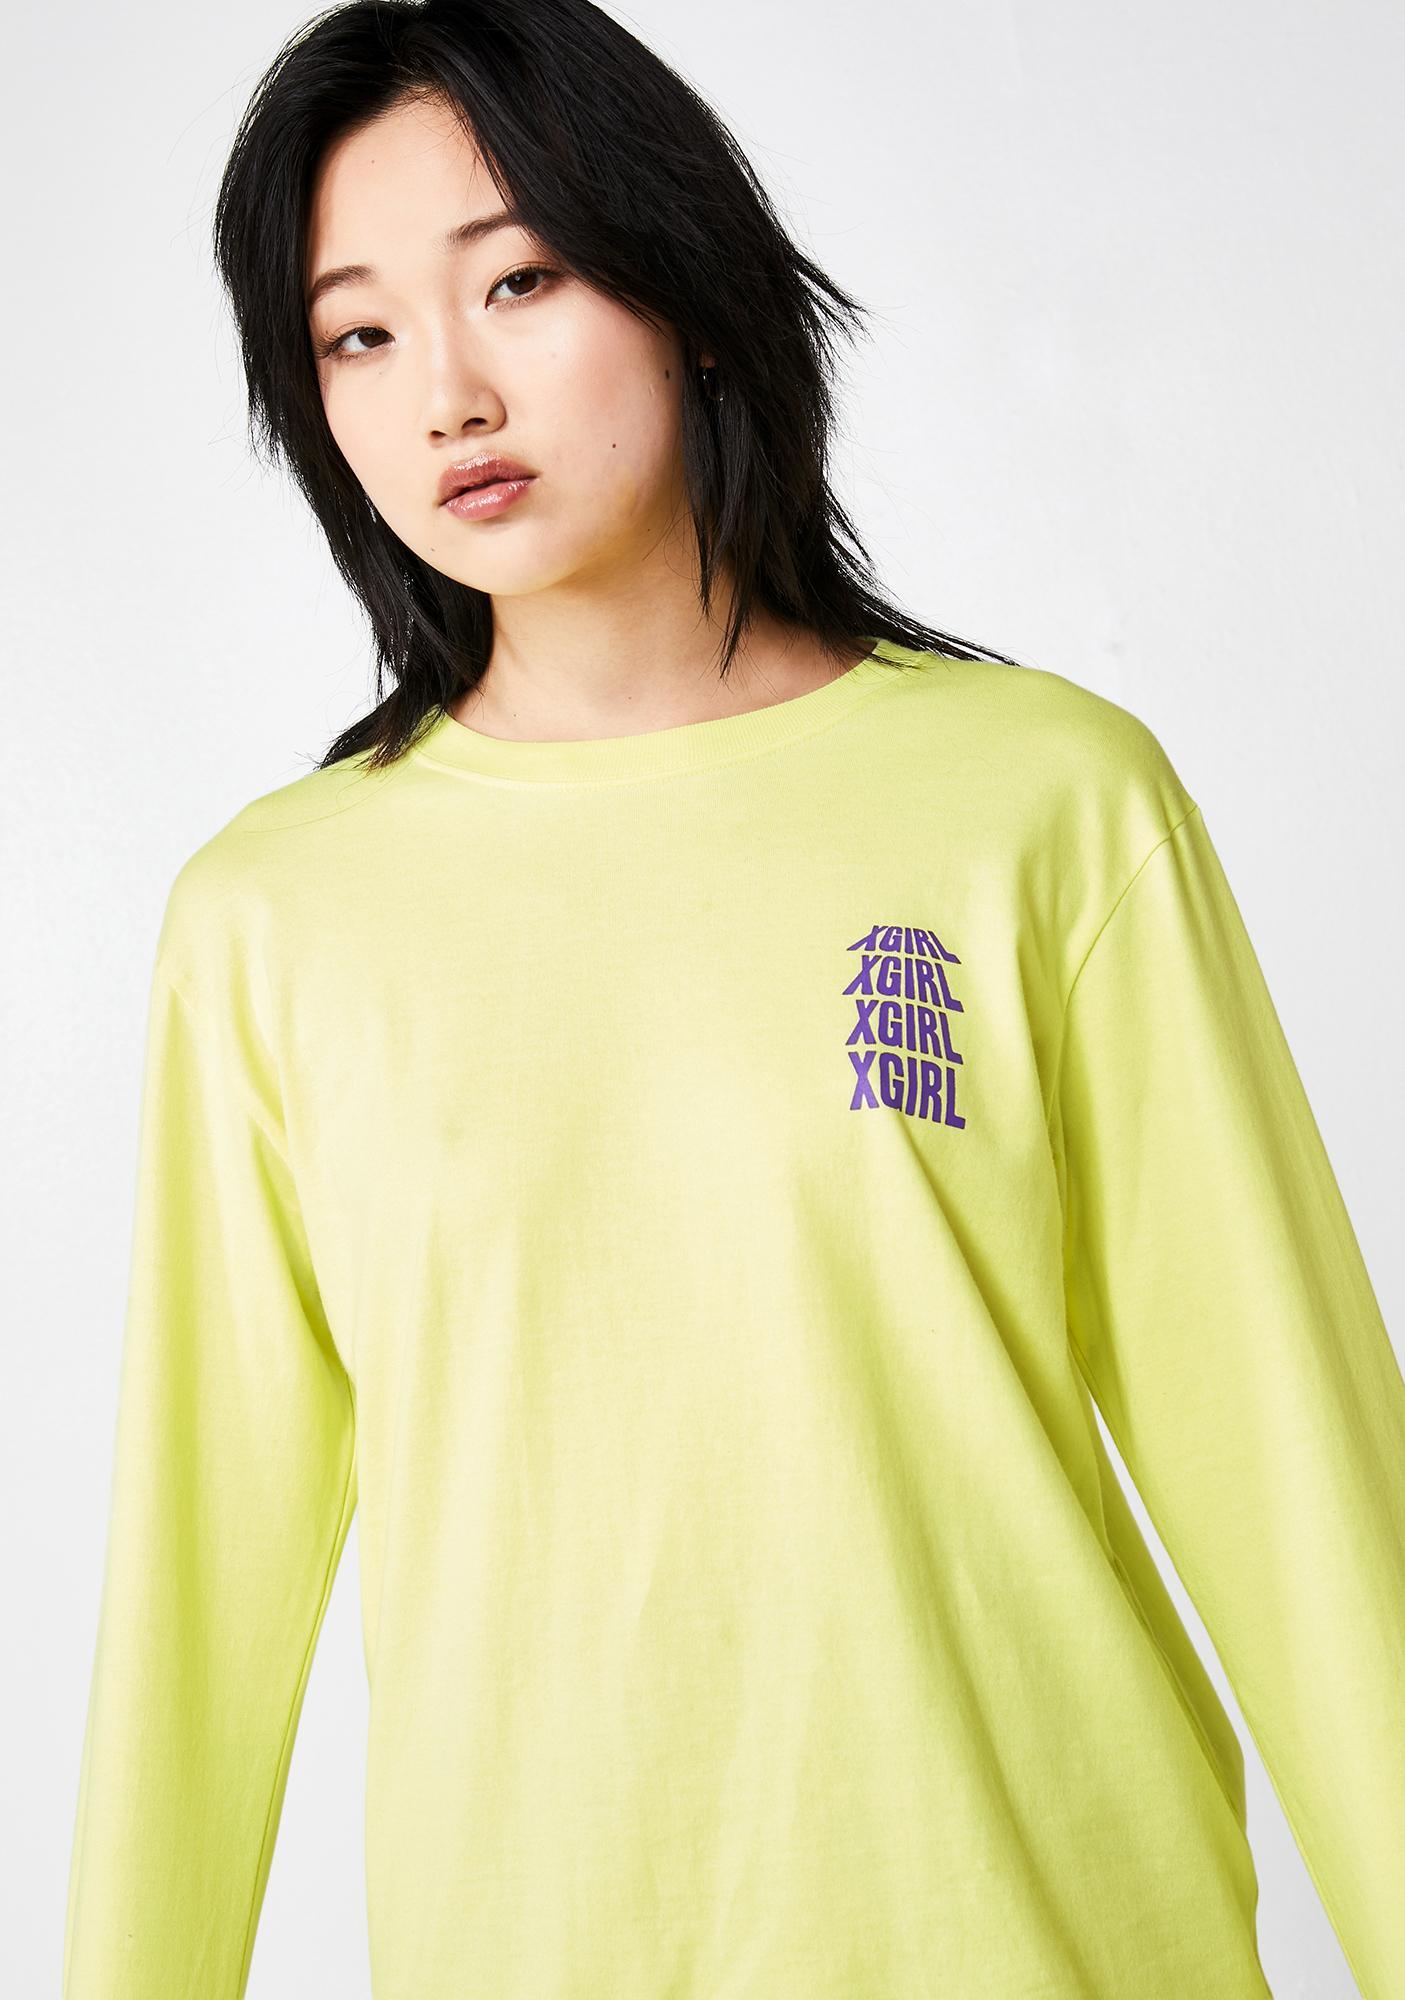 x-Girl Riot Grrrl Long Sleeve Regular Tee